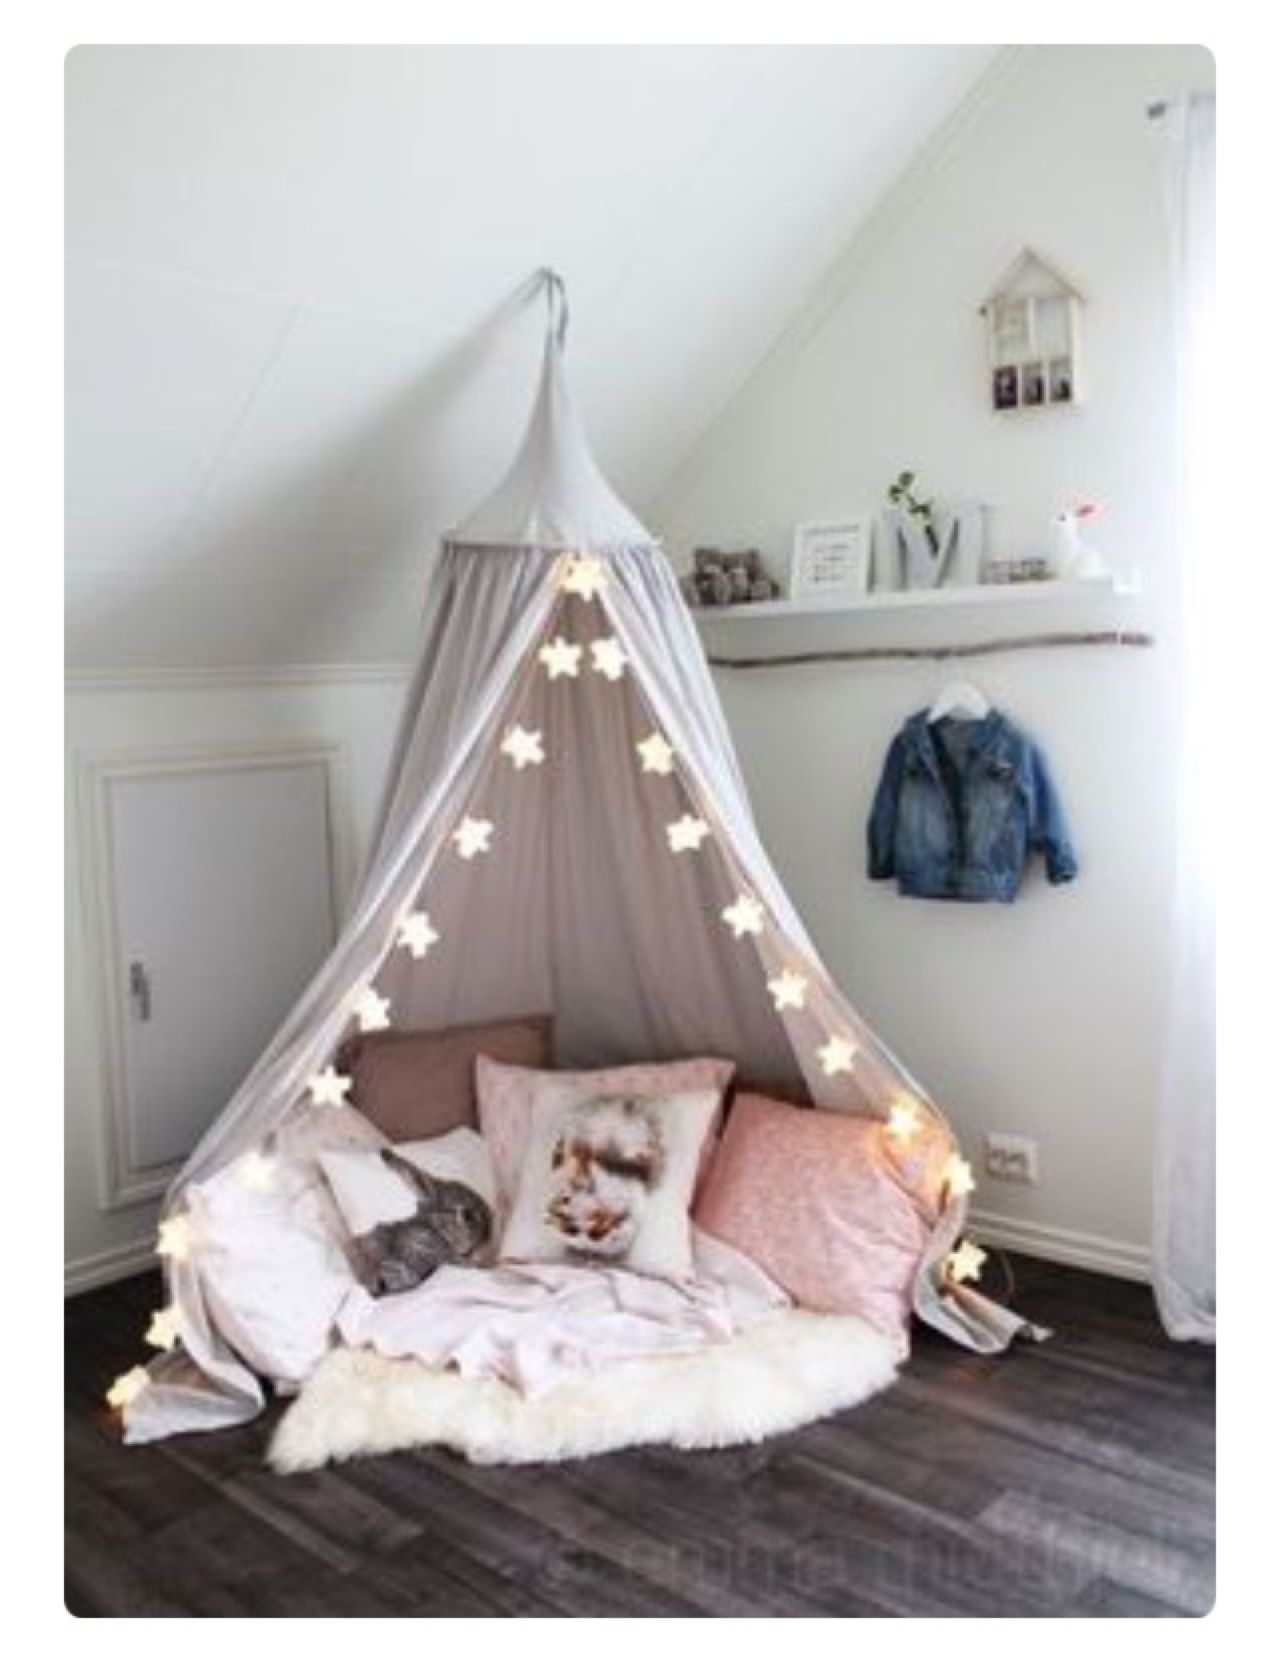 Tumblr Room Inspiration U003eu003eu003e Click Image To Read More Details.  #homedecoration